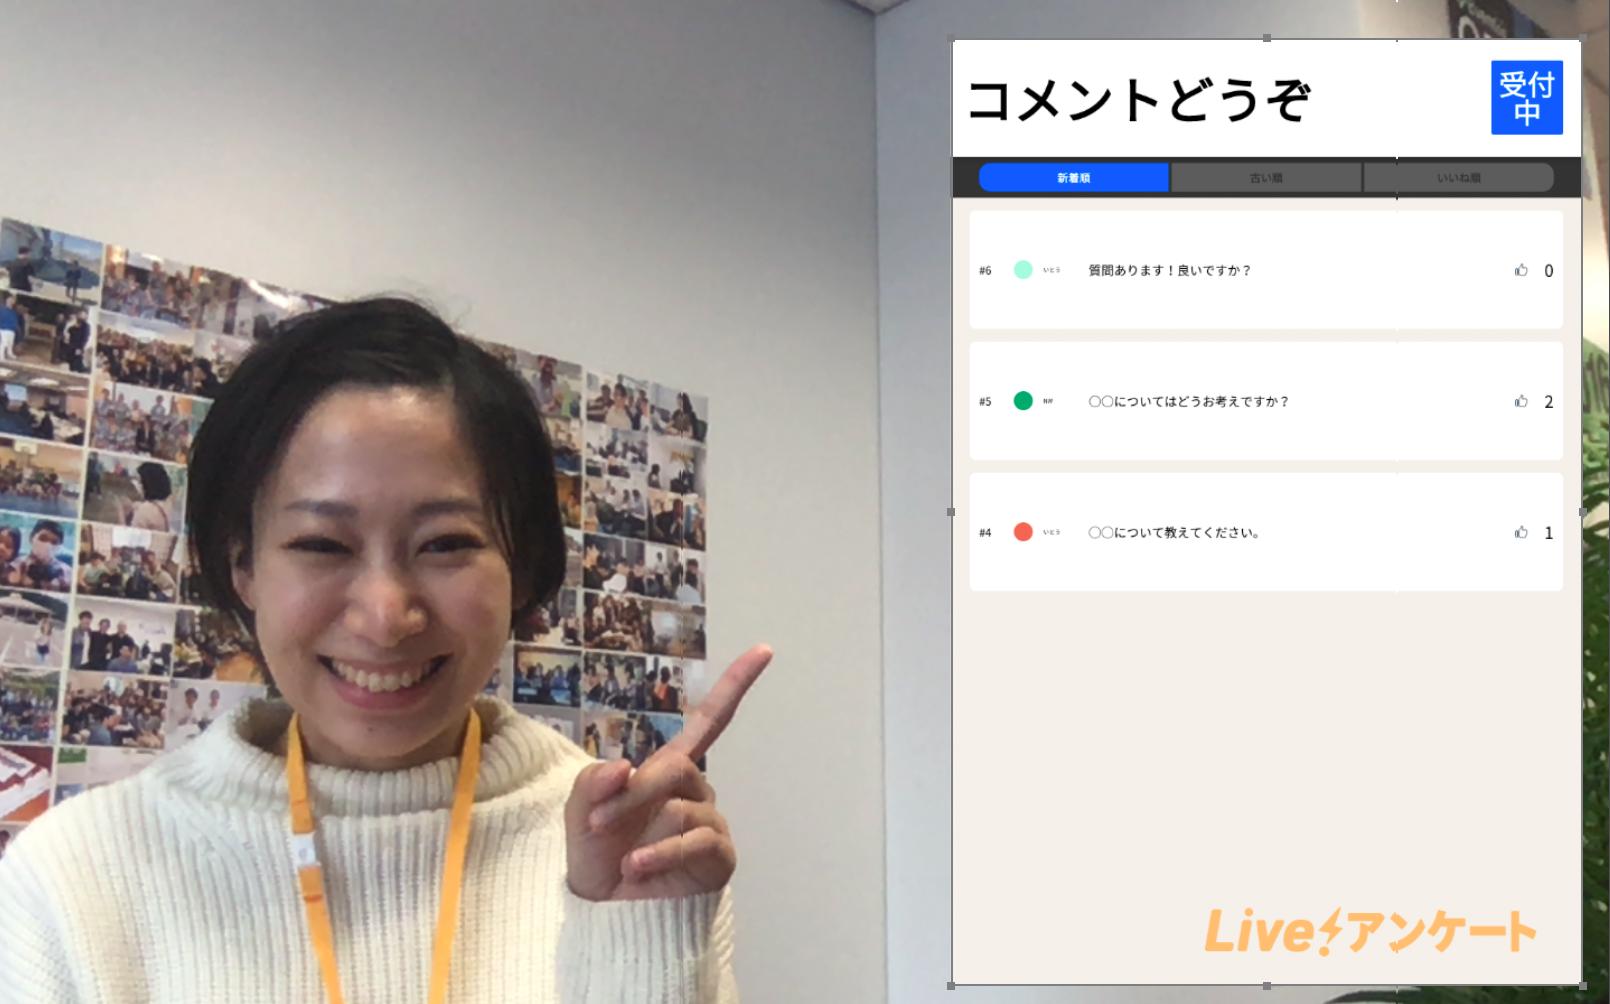 Live!アンケートパソコン画面2